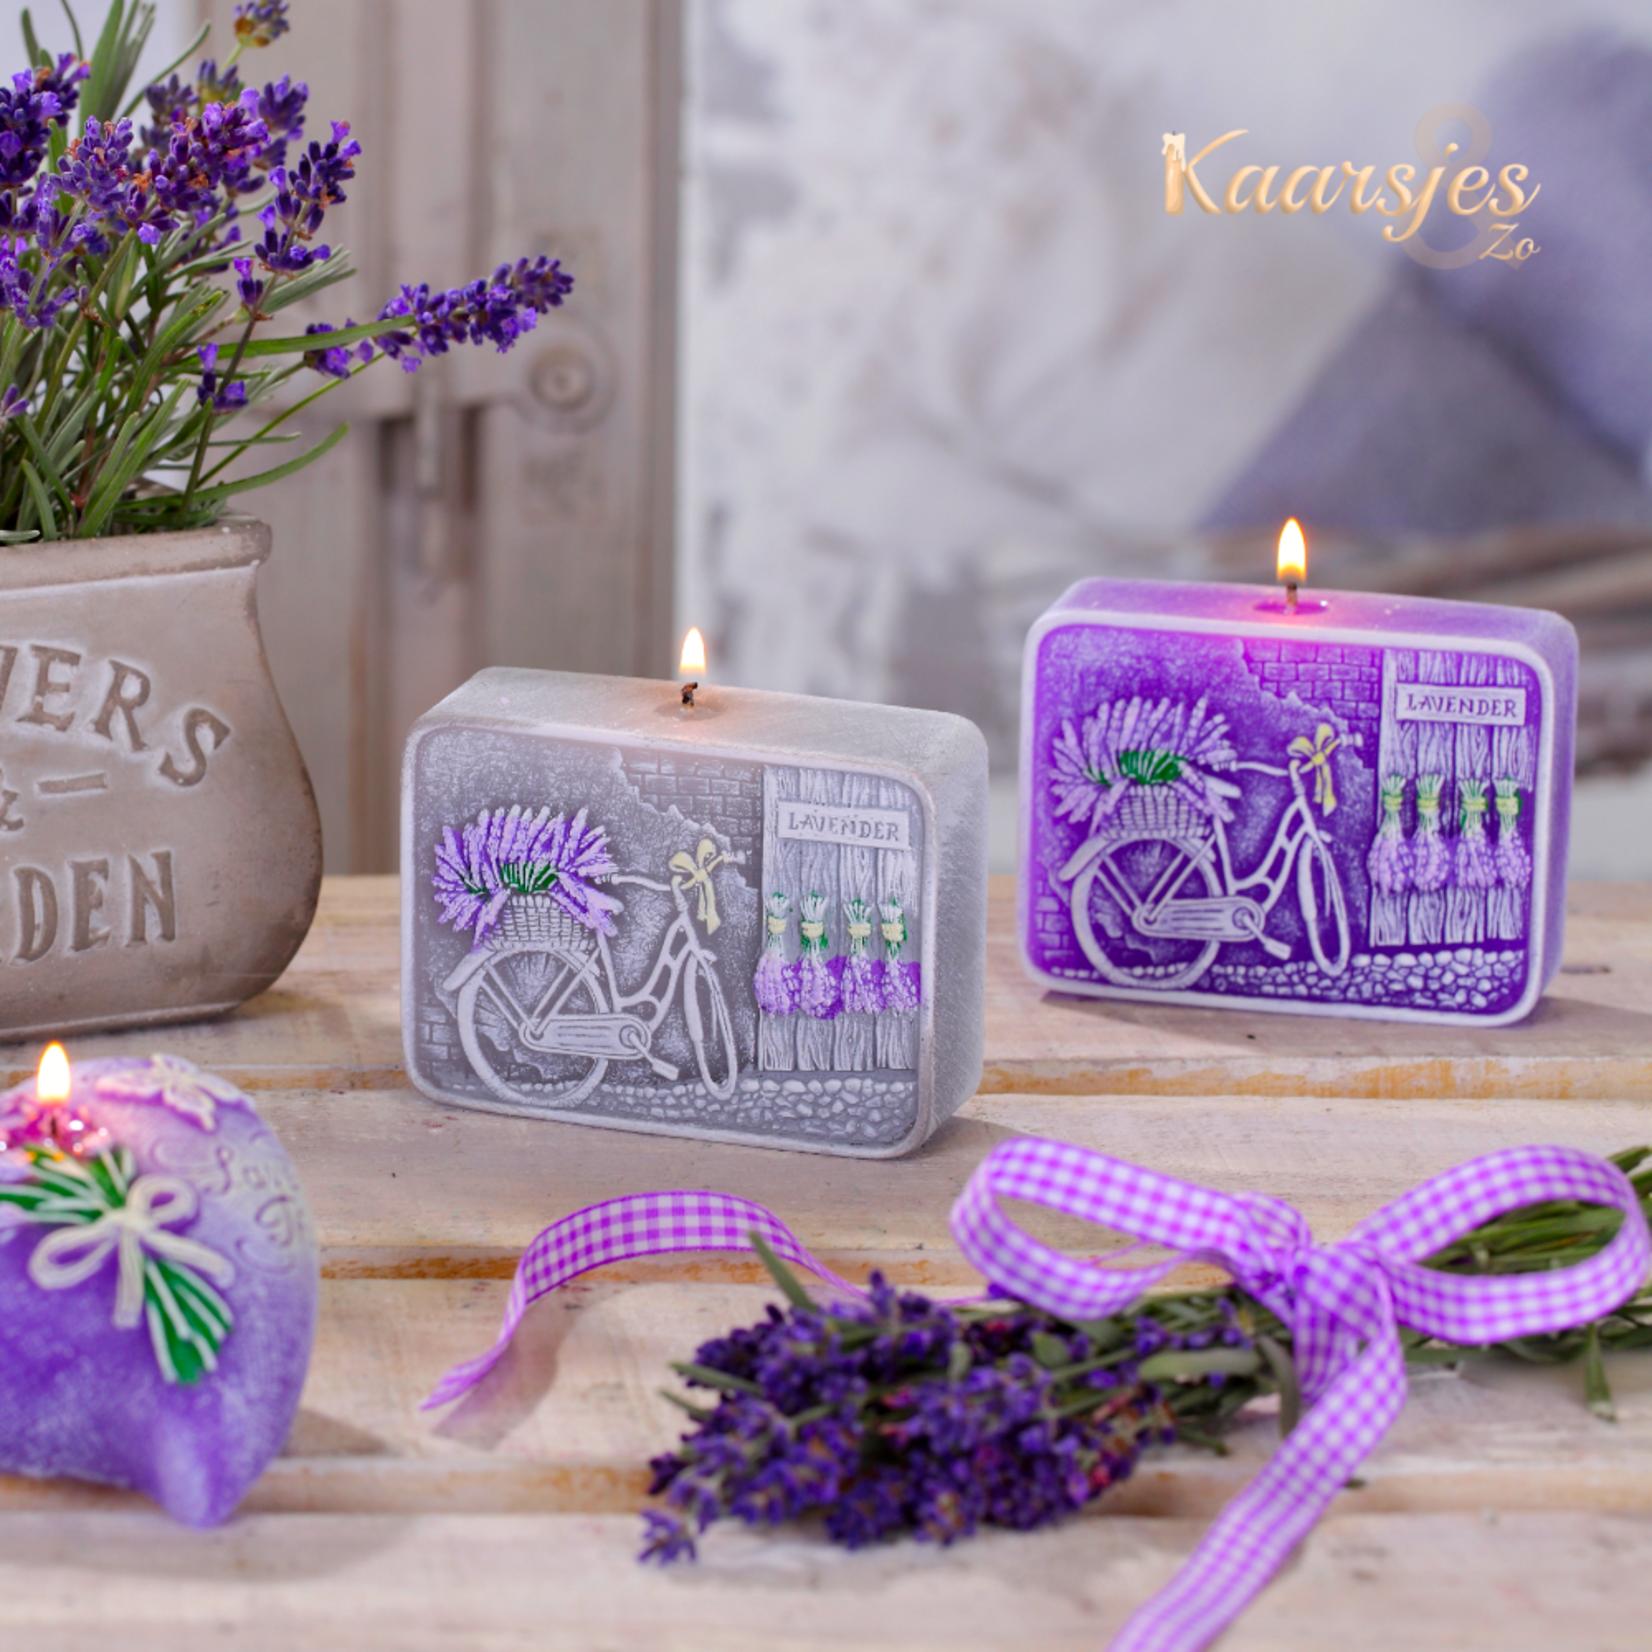 Geurkaars Lavendel Verhaal